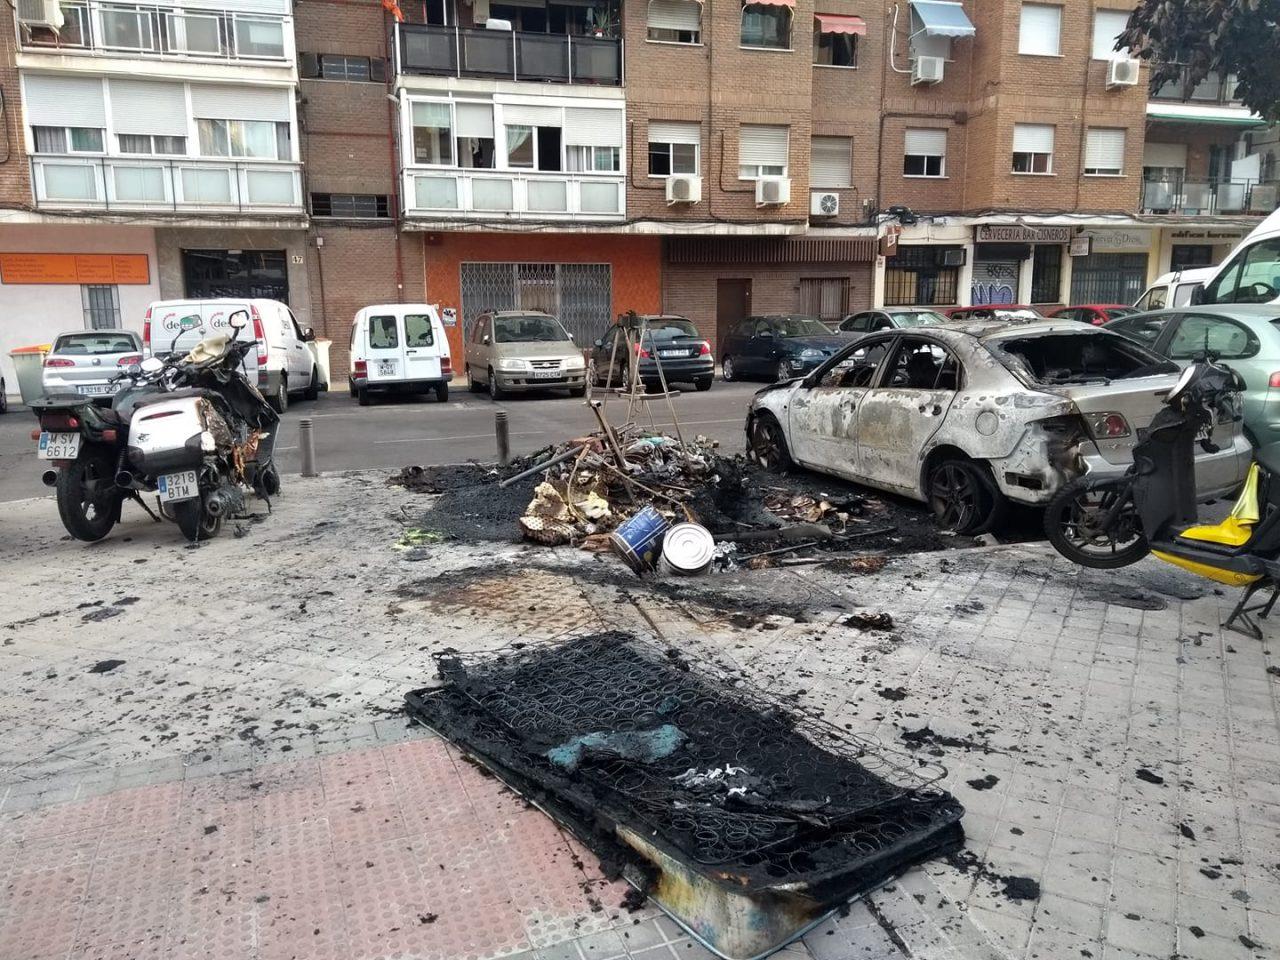 ¡Ciudad Lineal se quema! La vecindad, harta de los pirómanos, pide más vigilancia